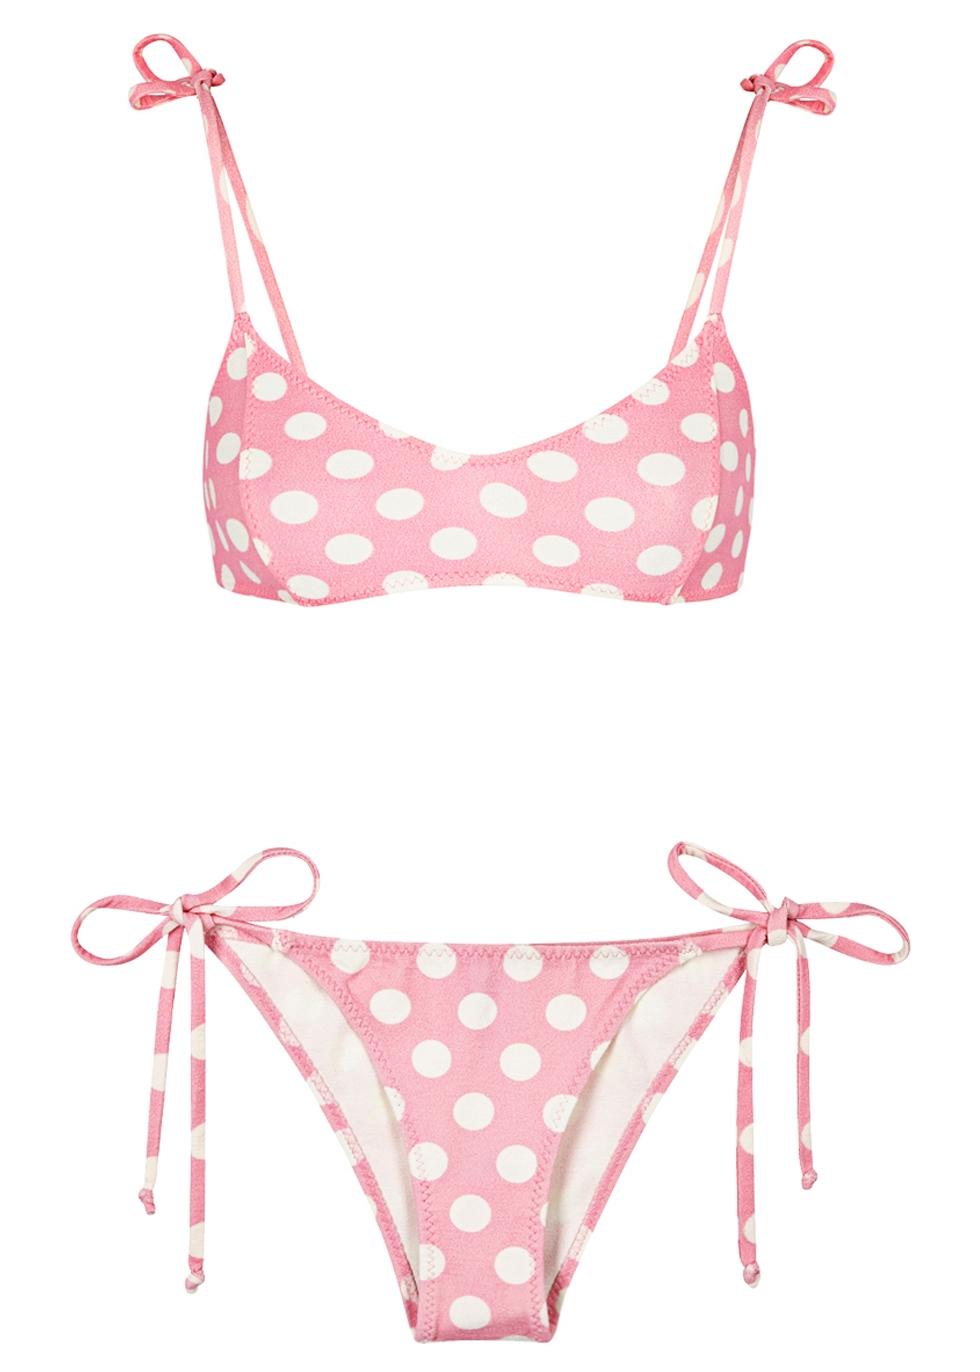 Nicole Polka-Dot Crepe Bikini, 3, Pink